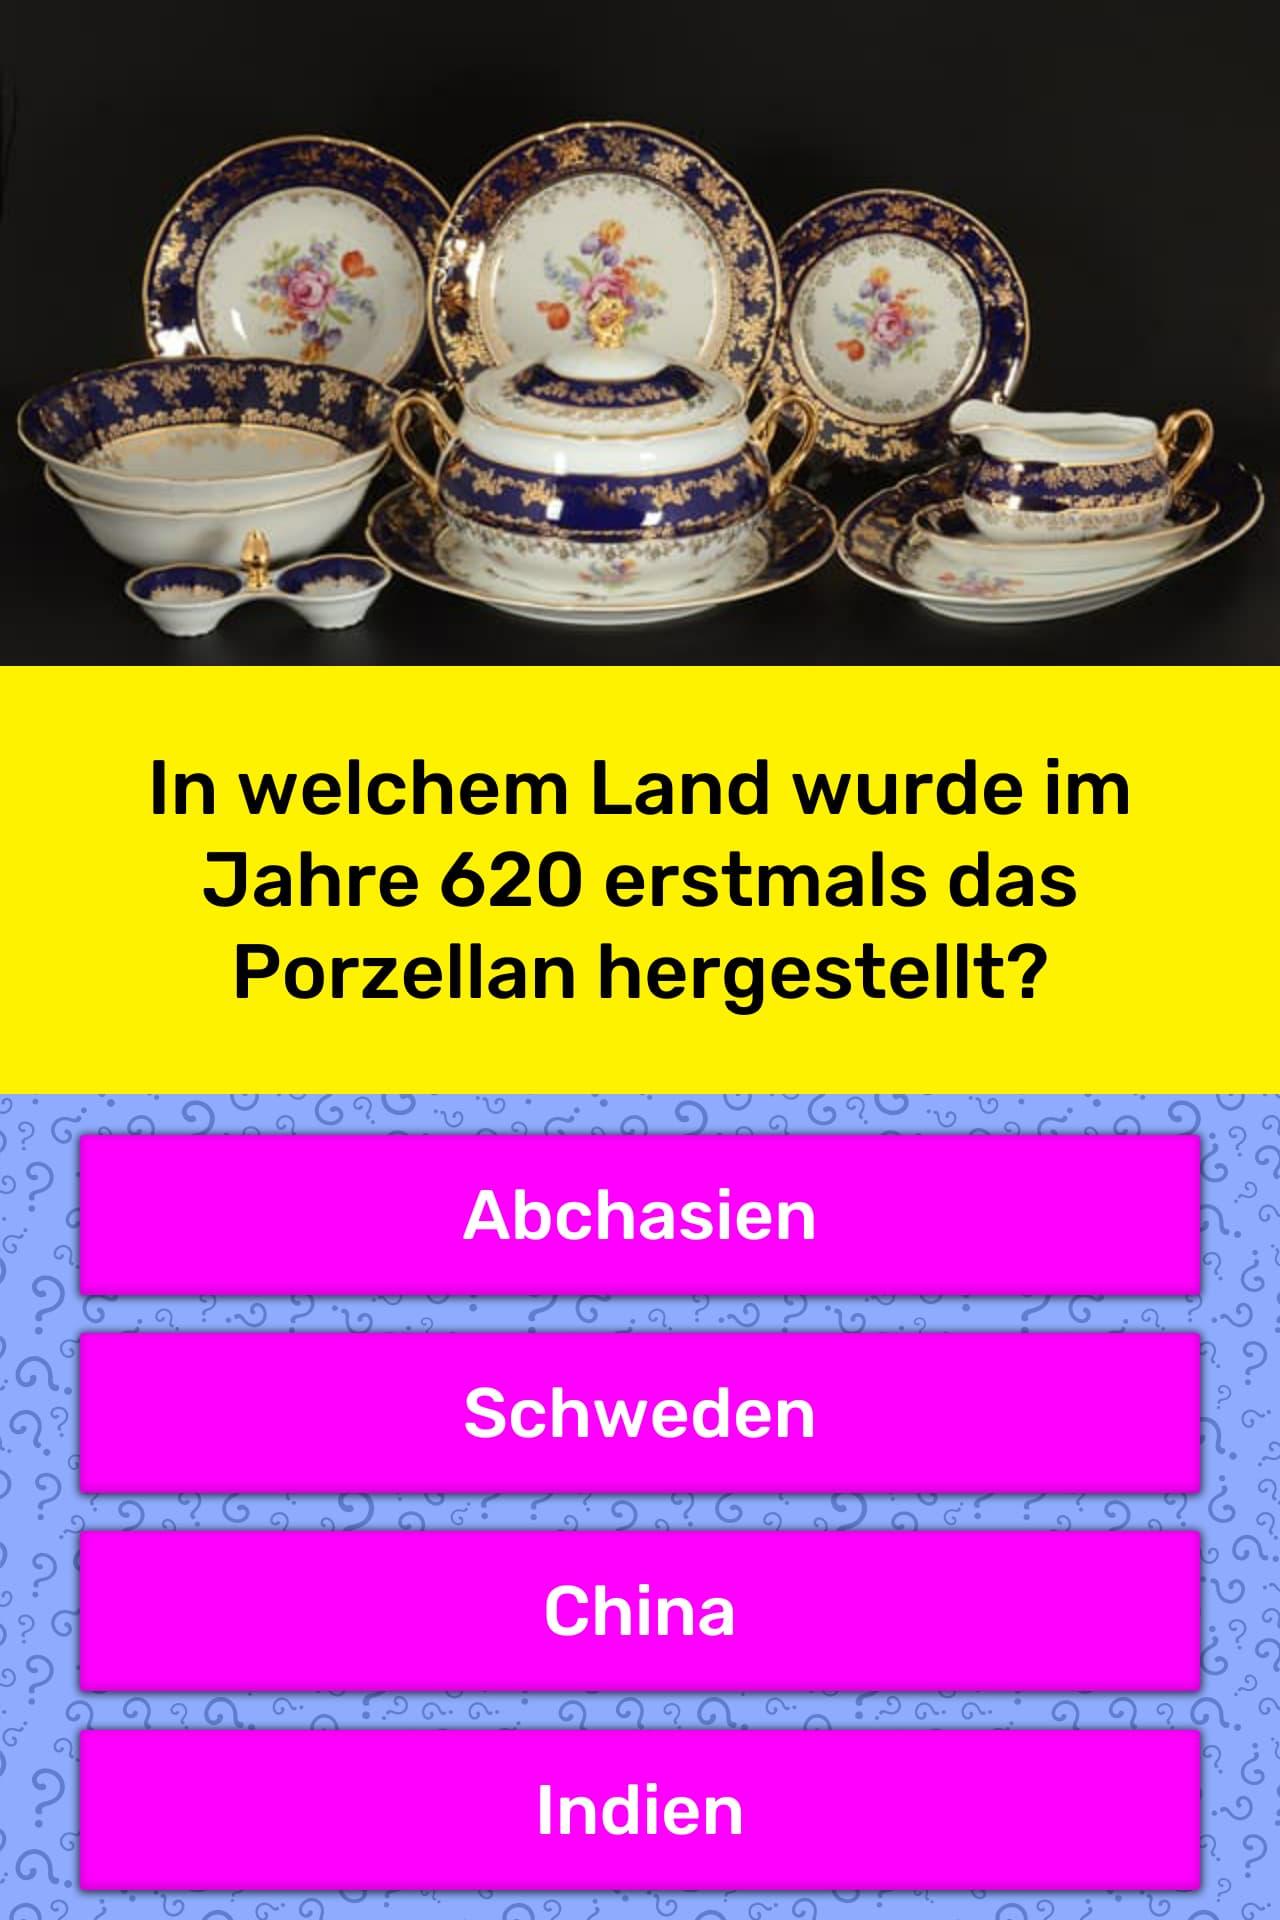 In welchem Land wurde im Jahre 620 | Quiz-Antworten